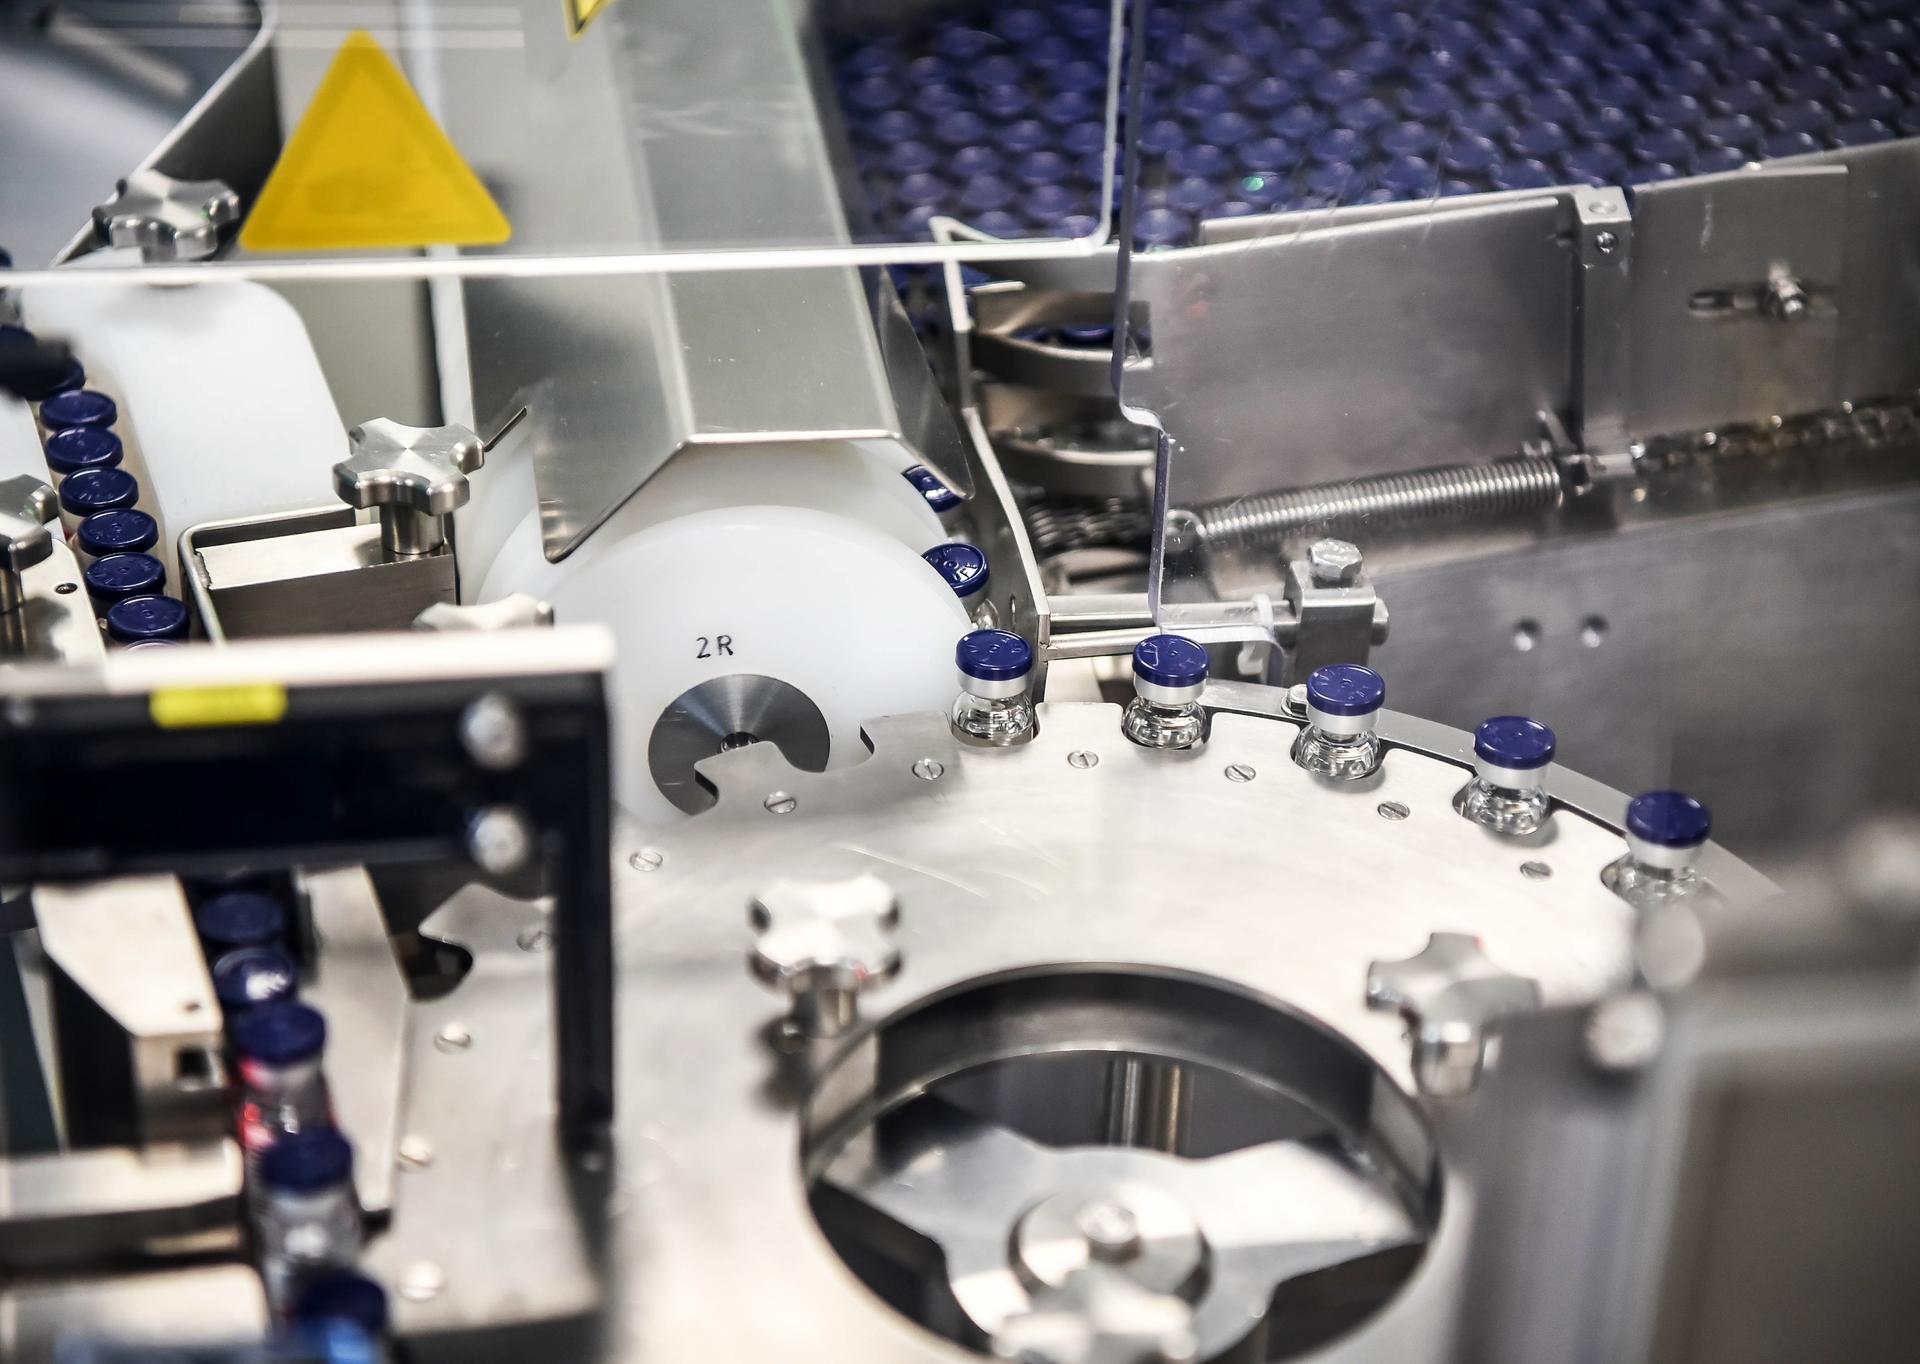 60ed500eae5ac915175b5d7e «Будет выпускать «Спутник V»: РФПИ договорился о сотрудничестве с крупнейшим мировым производителем вакцин